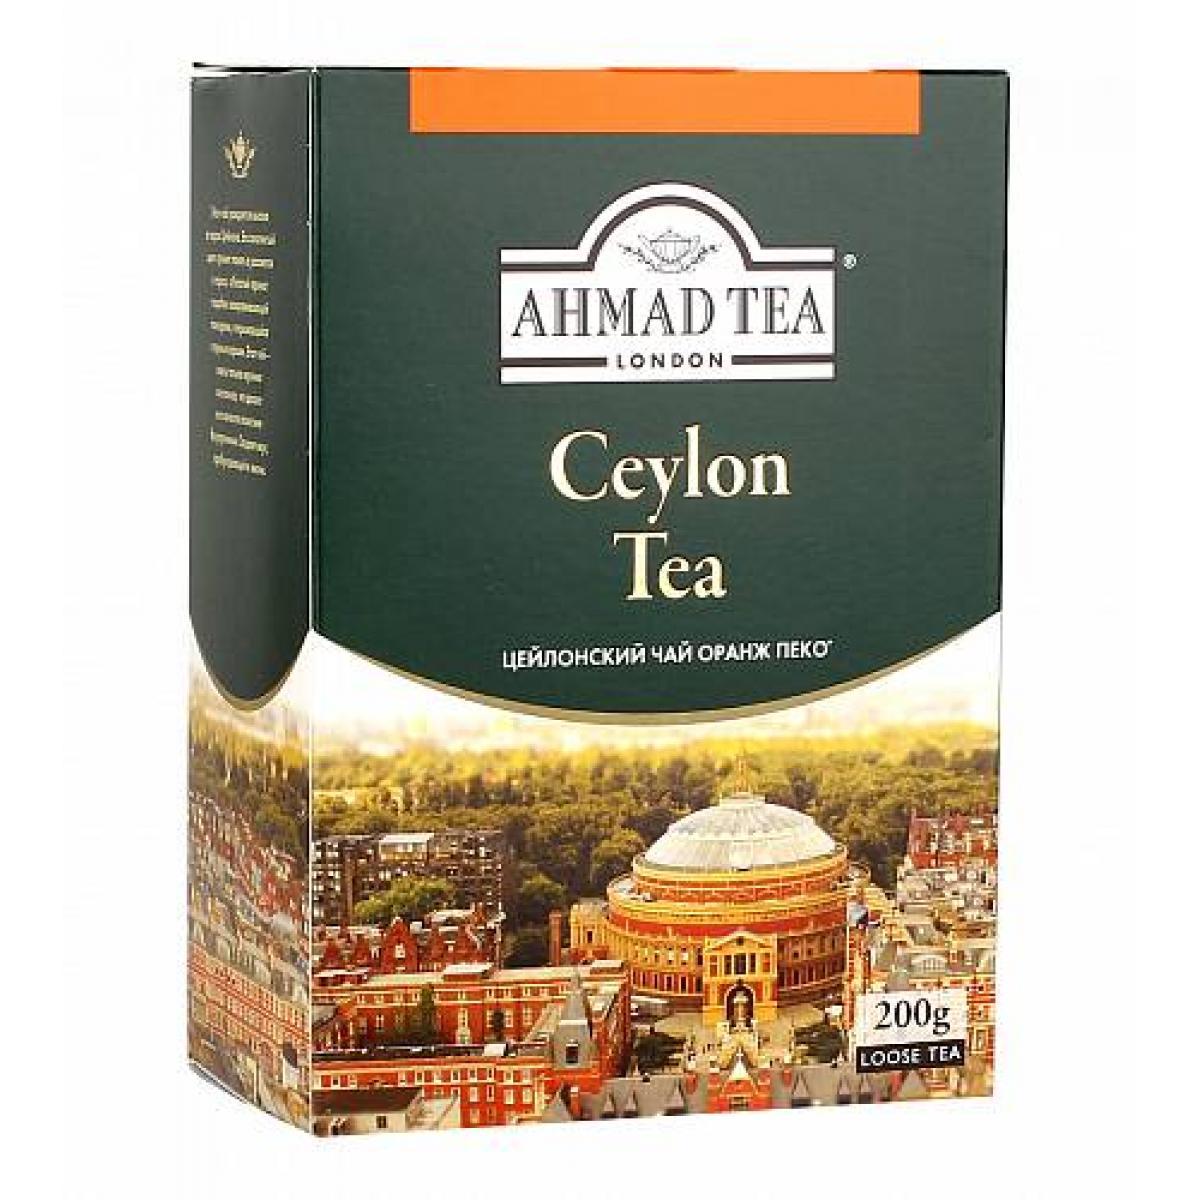 ахмад чай россия отзывы сотрудников